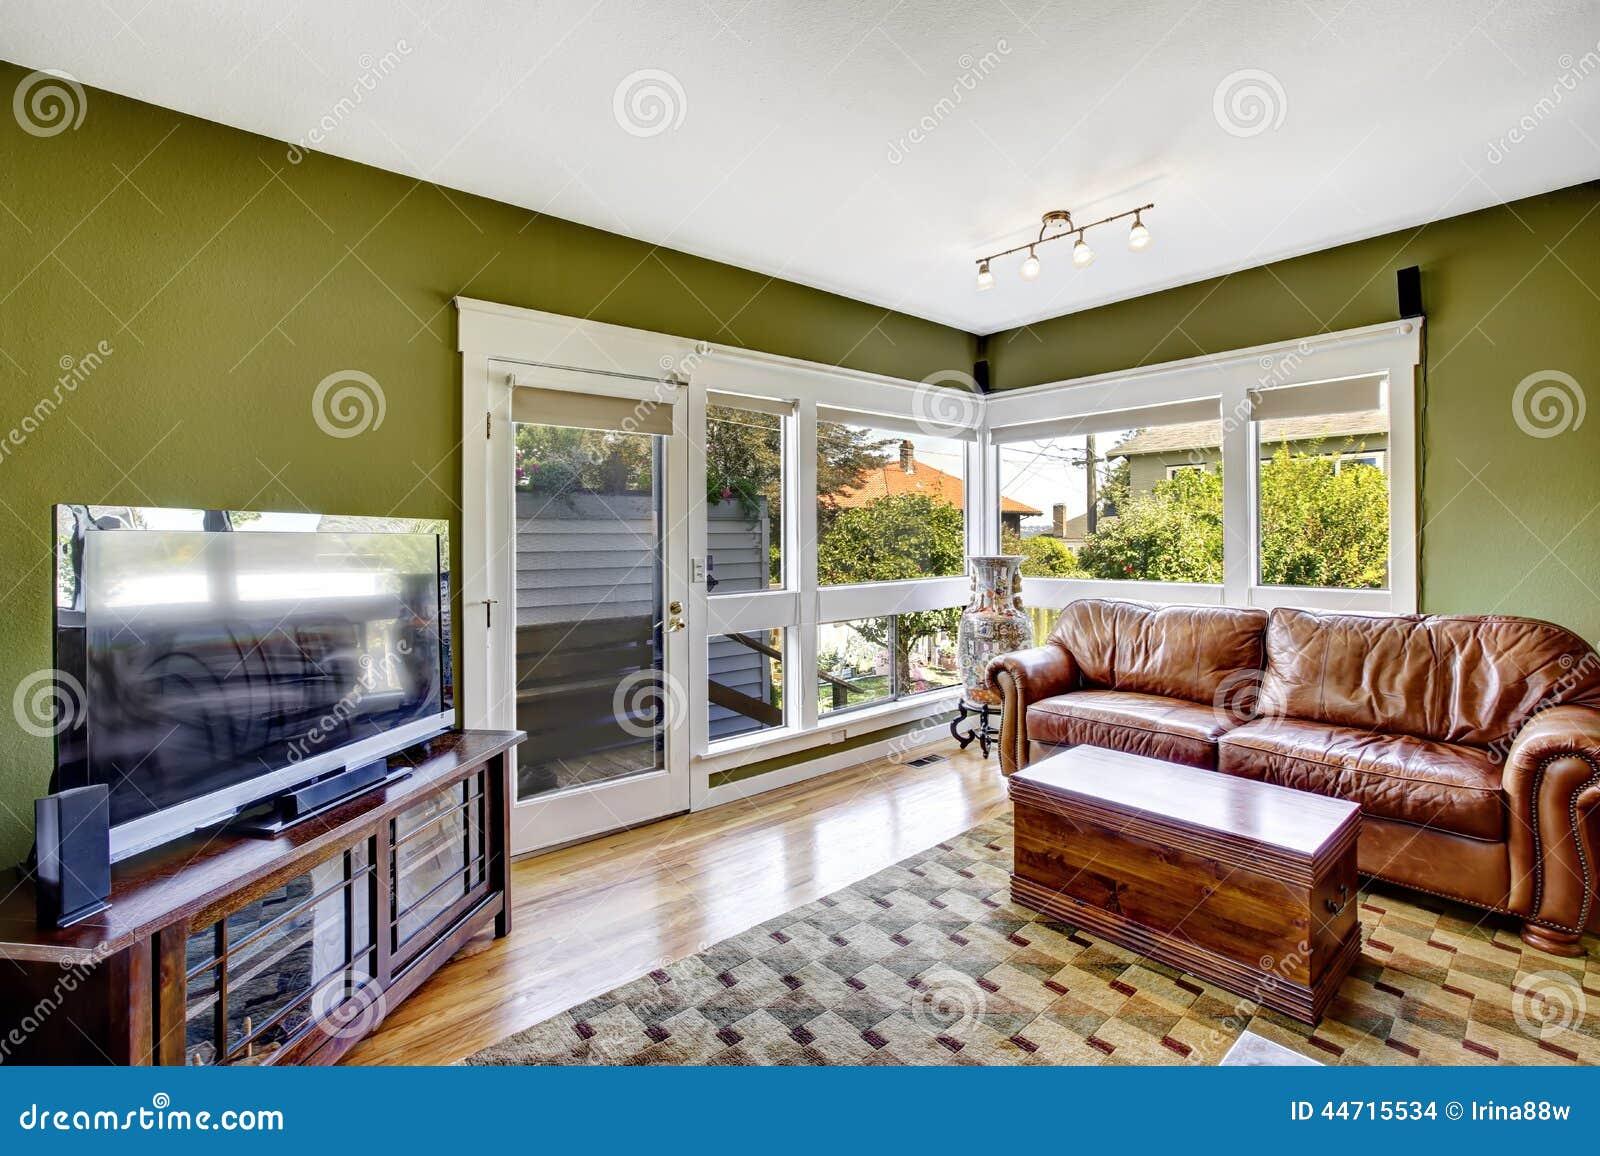 Int rieur de maison dans la couleur verte avec le divan en for Interieur no 253